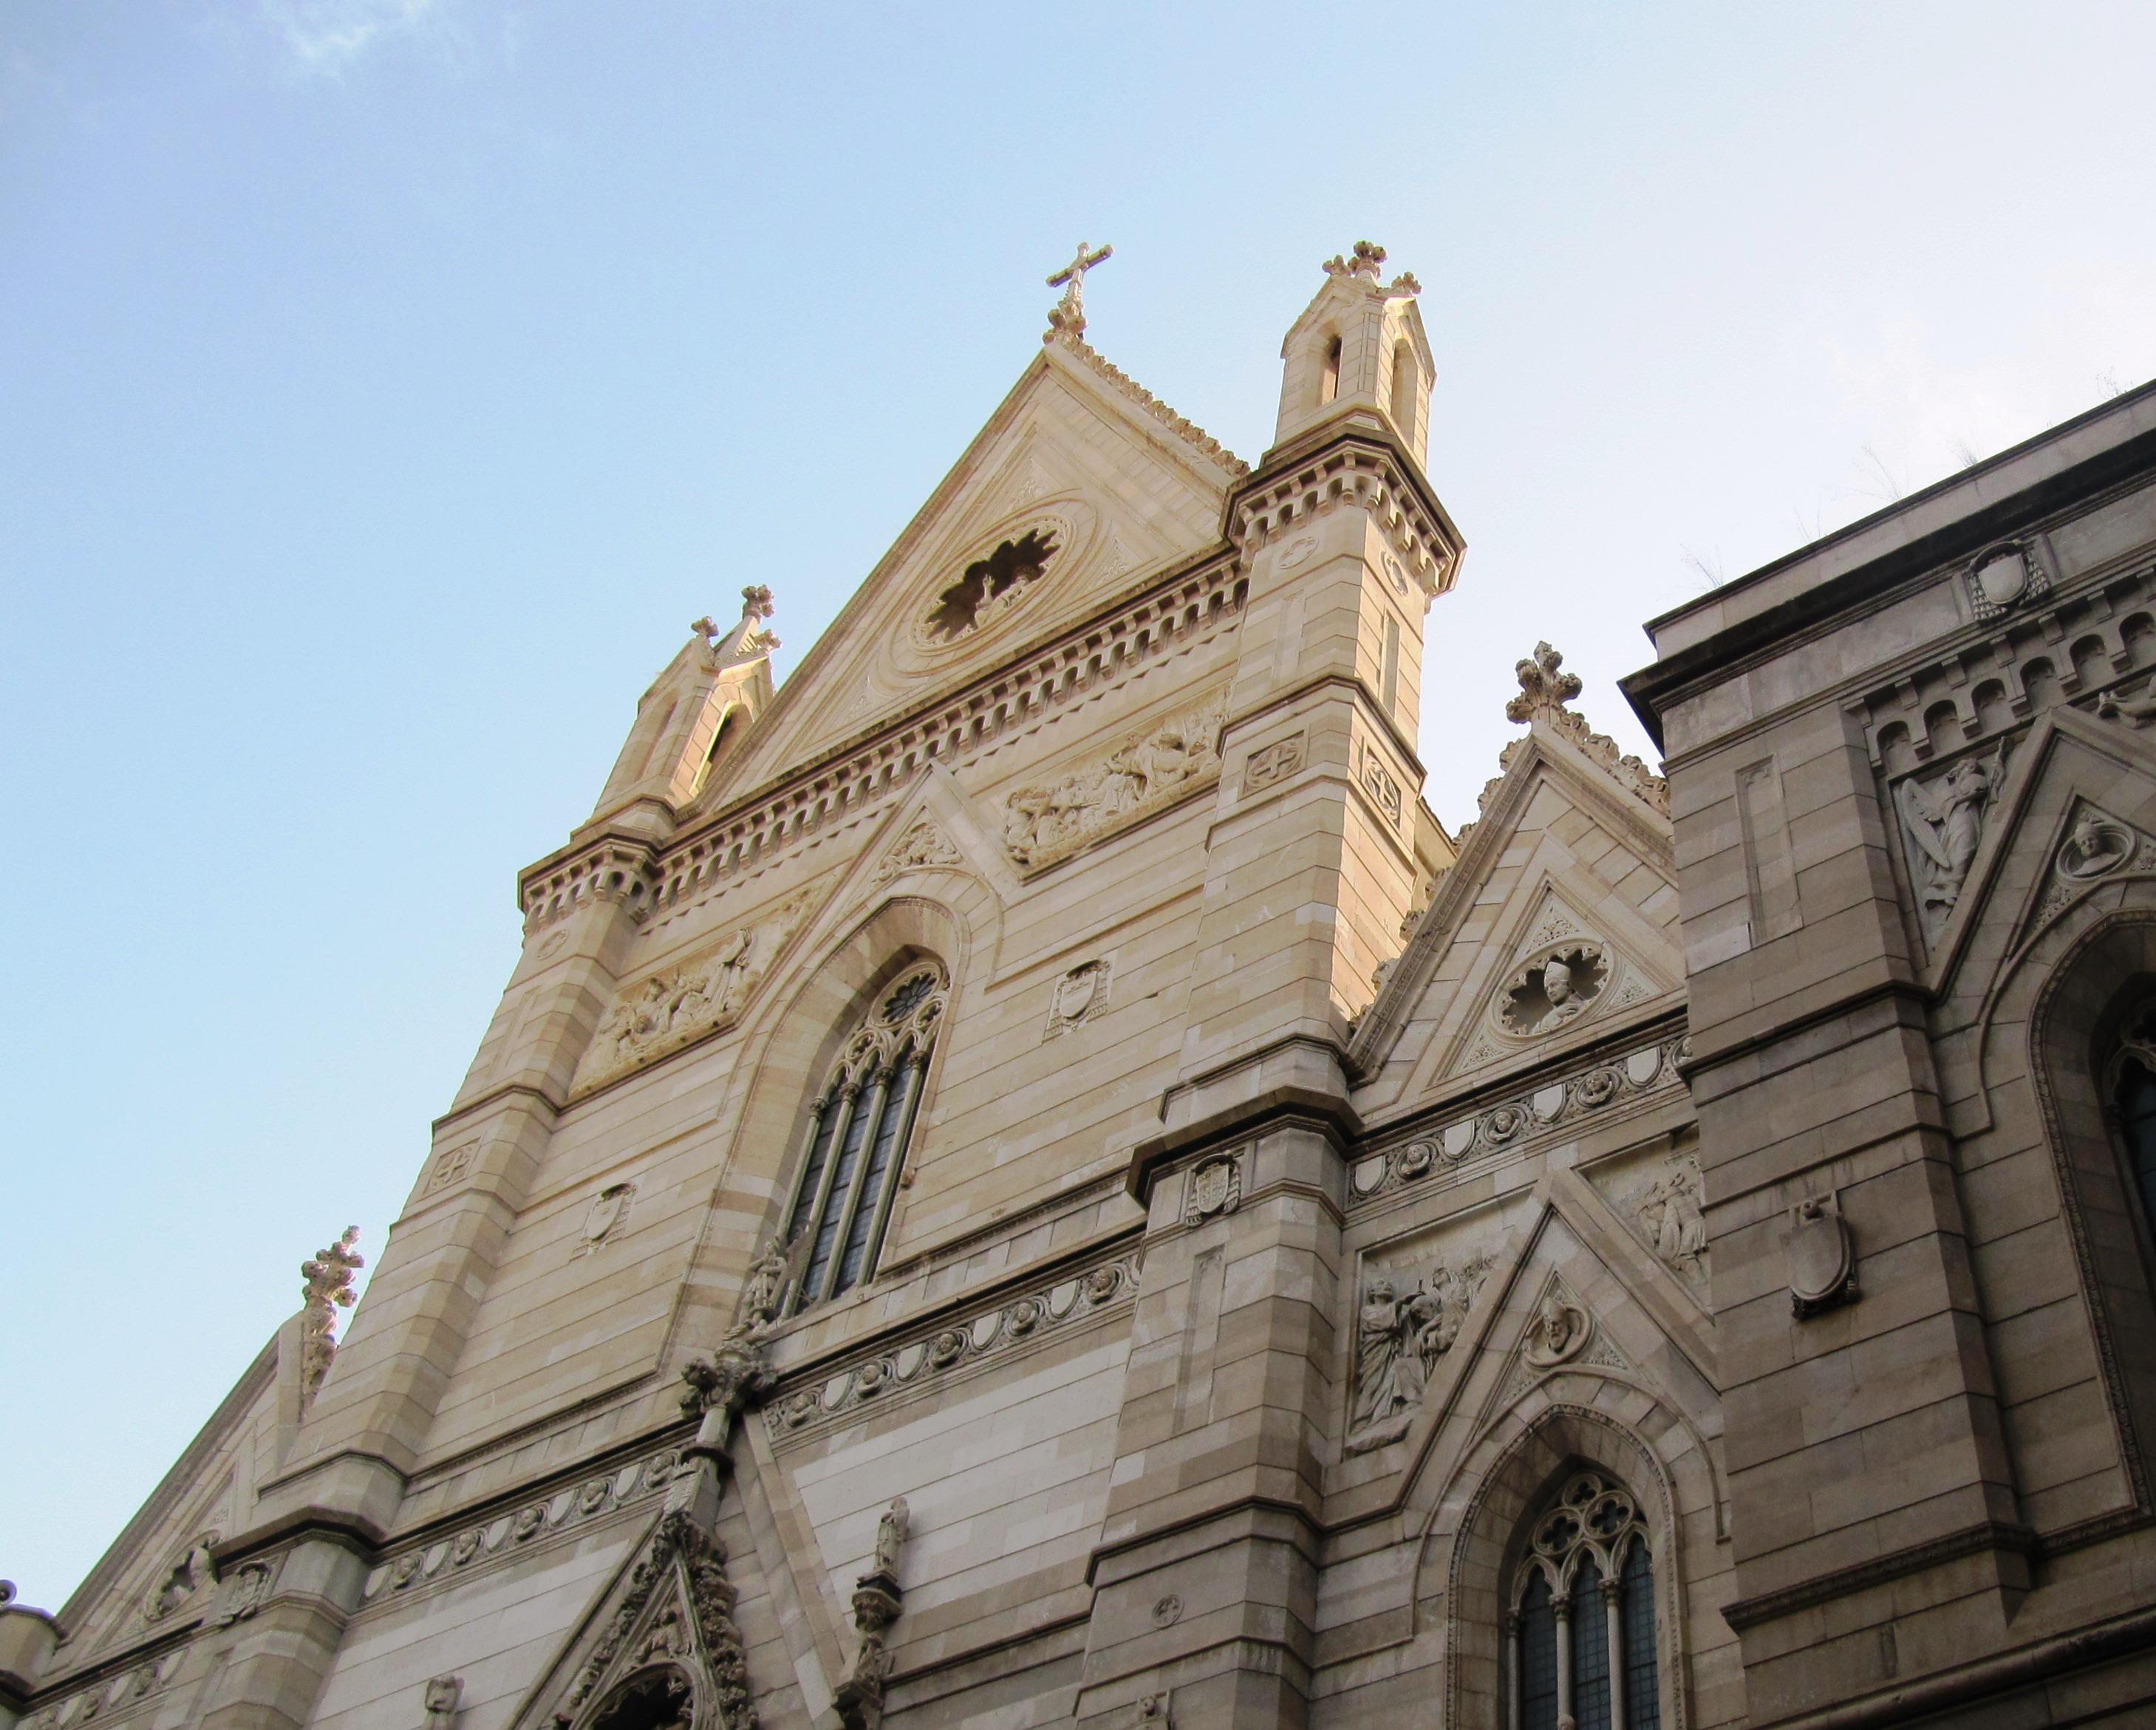 Napoli, Duomo, faciata (1).jpg